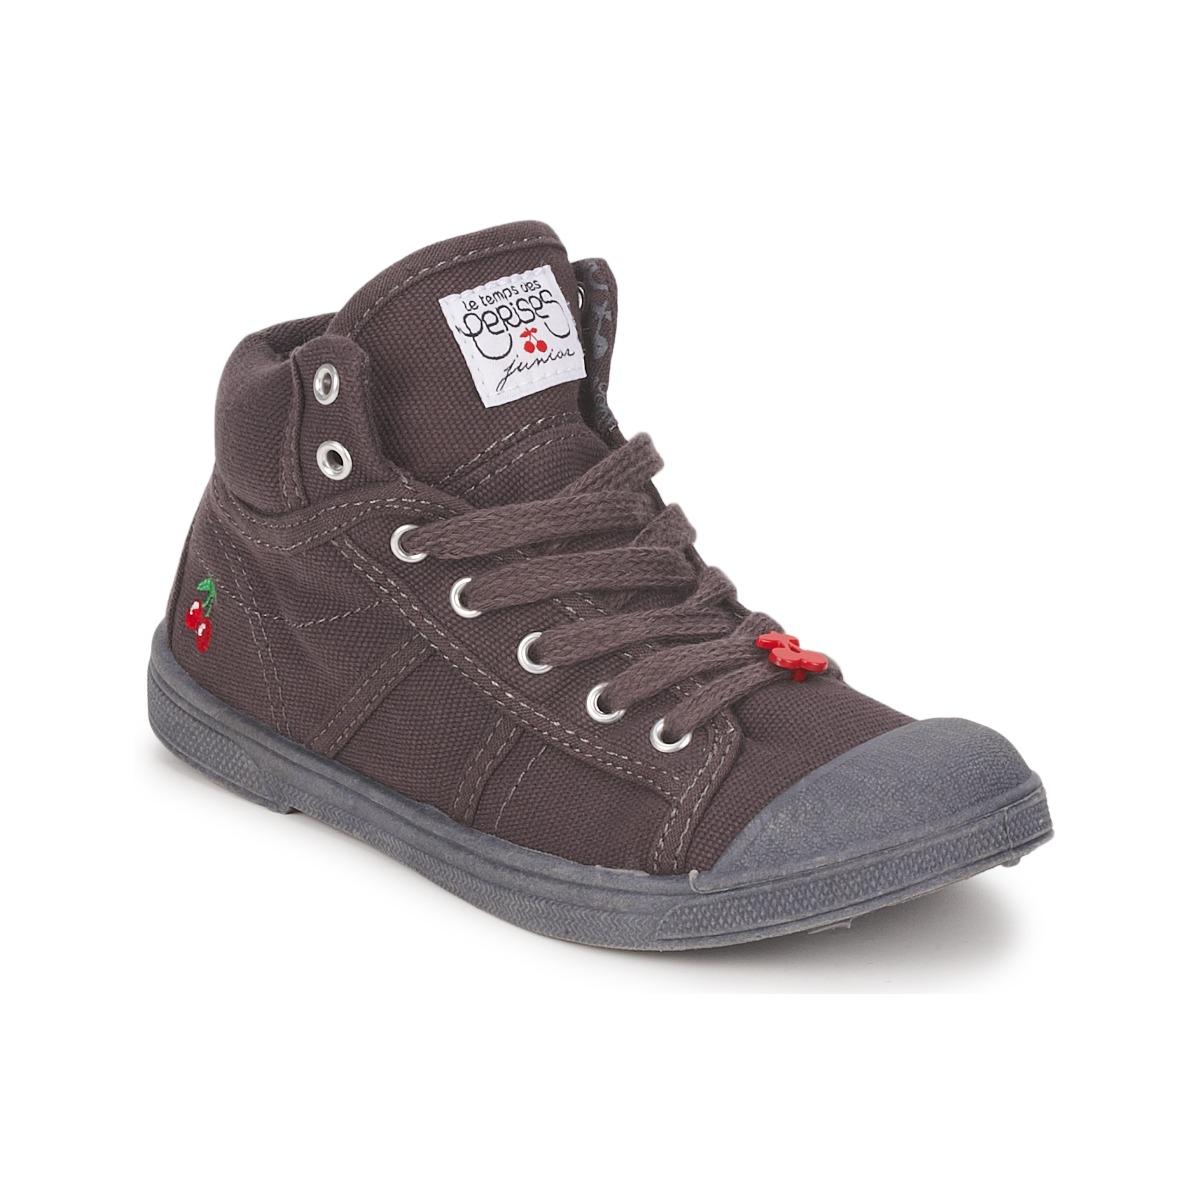 le temps des cerises basic 03 kids marron chaussure pas cher avec chaussures. Black Bedroom Furniture Sets. Home Design Ideas